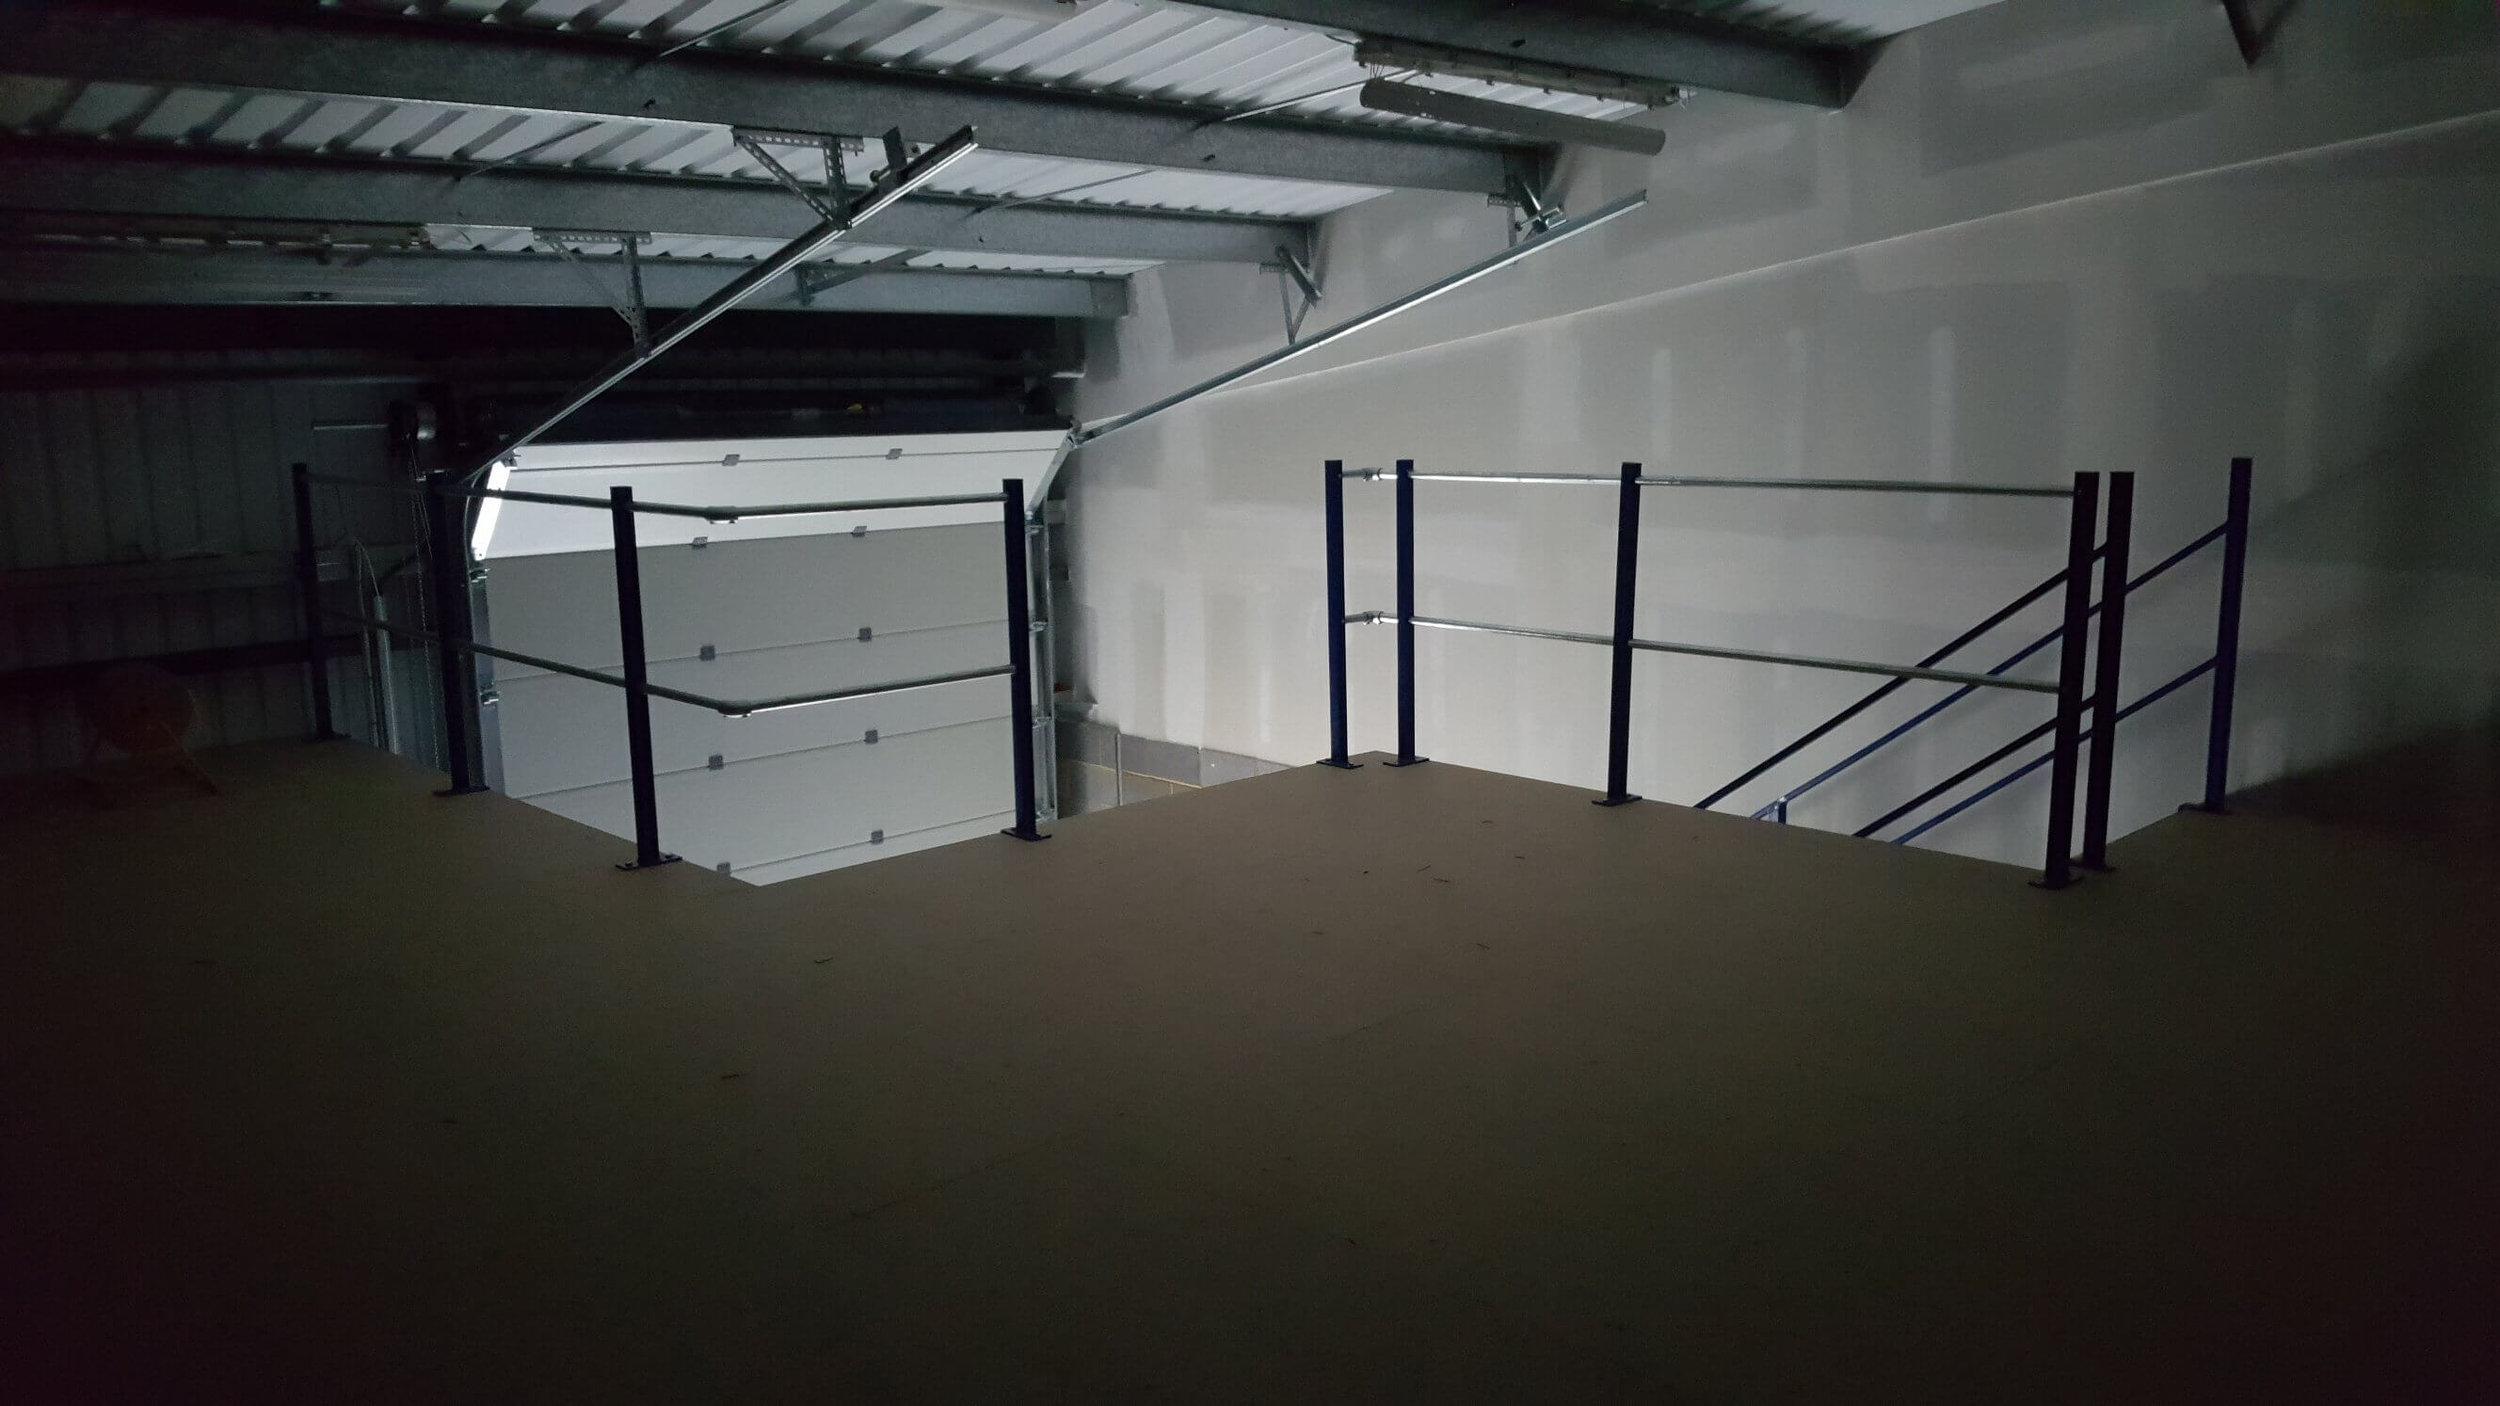 - Future cold room space on mezzanine #1